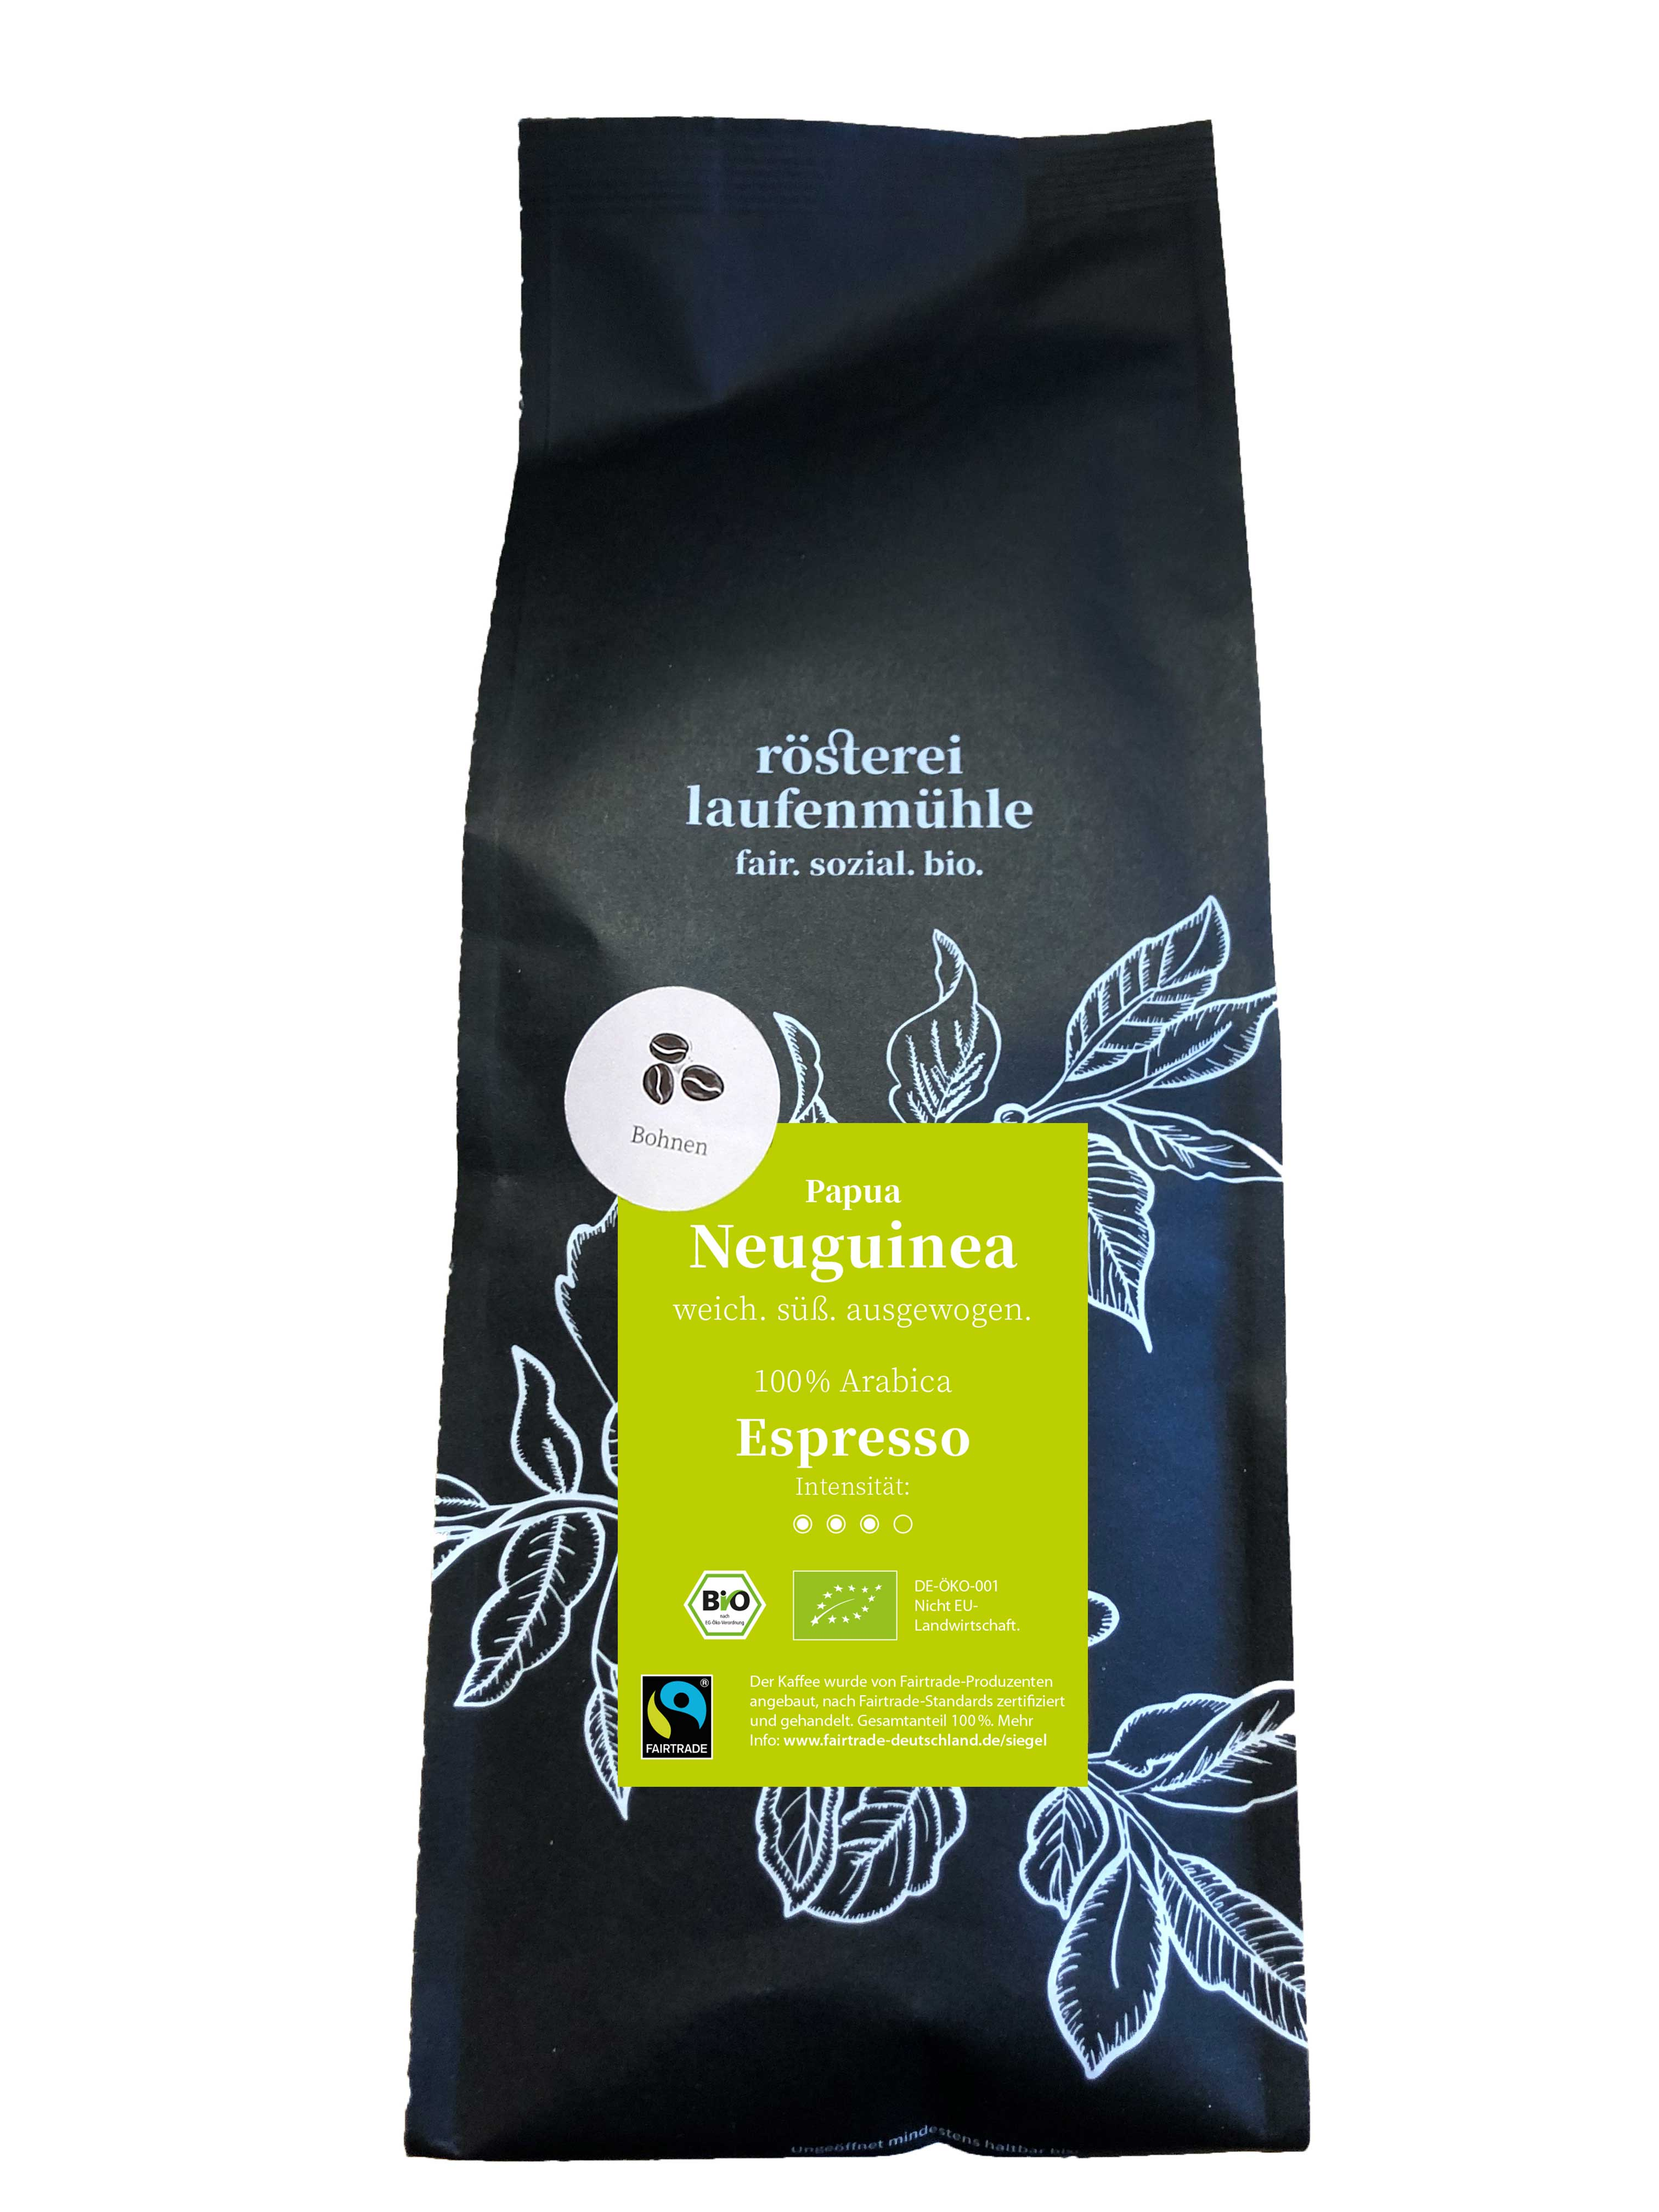 Papua NEU GUINEA Bio-Espresso FAIRTRADE Bohne 1000g